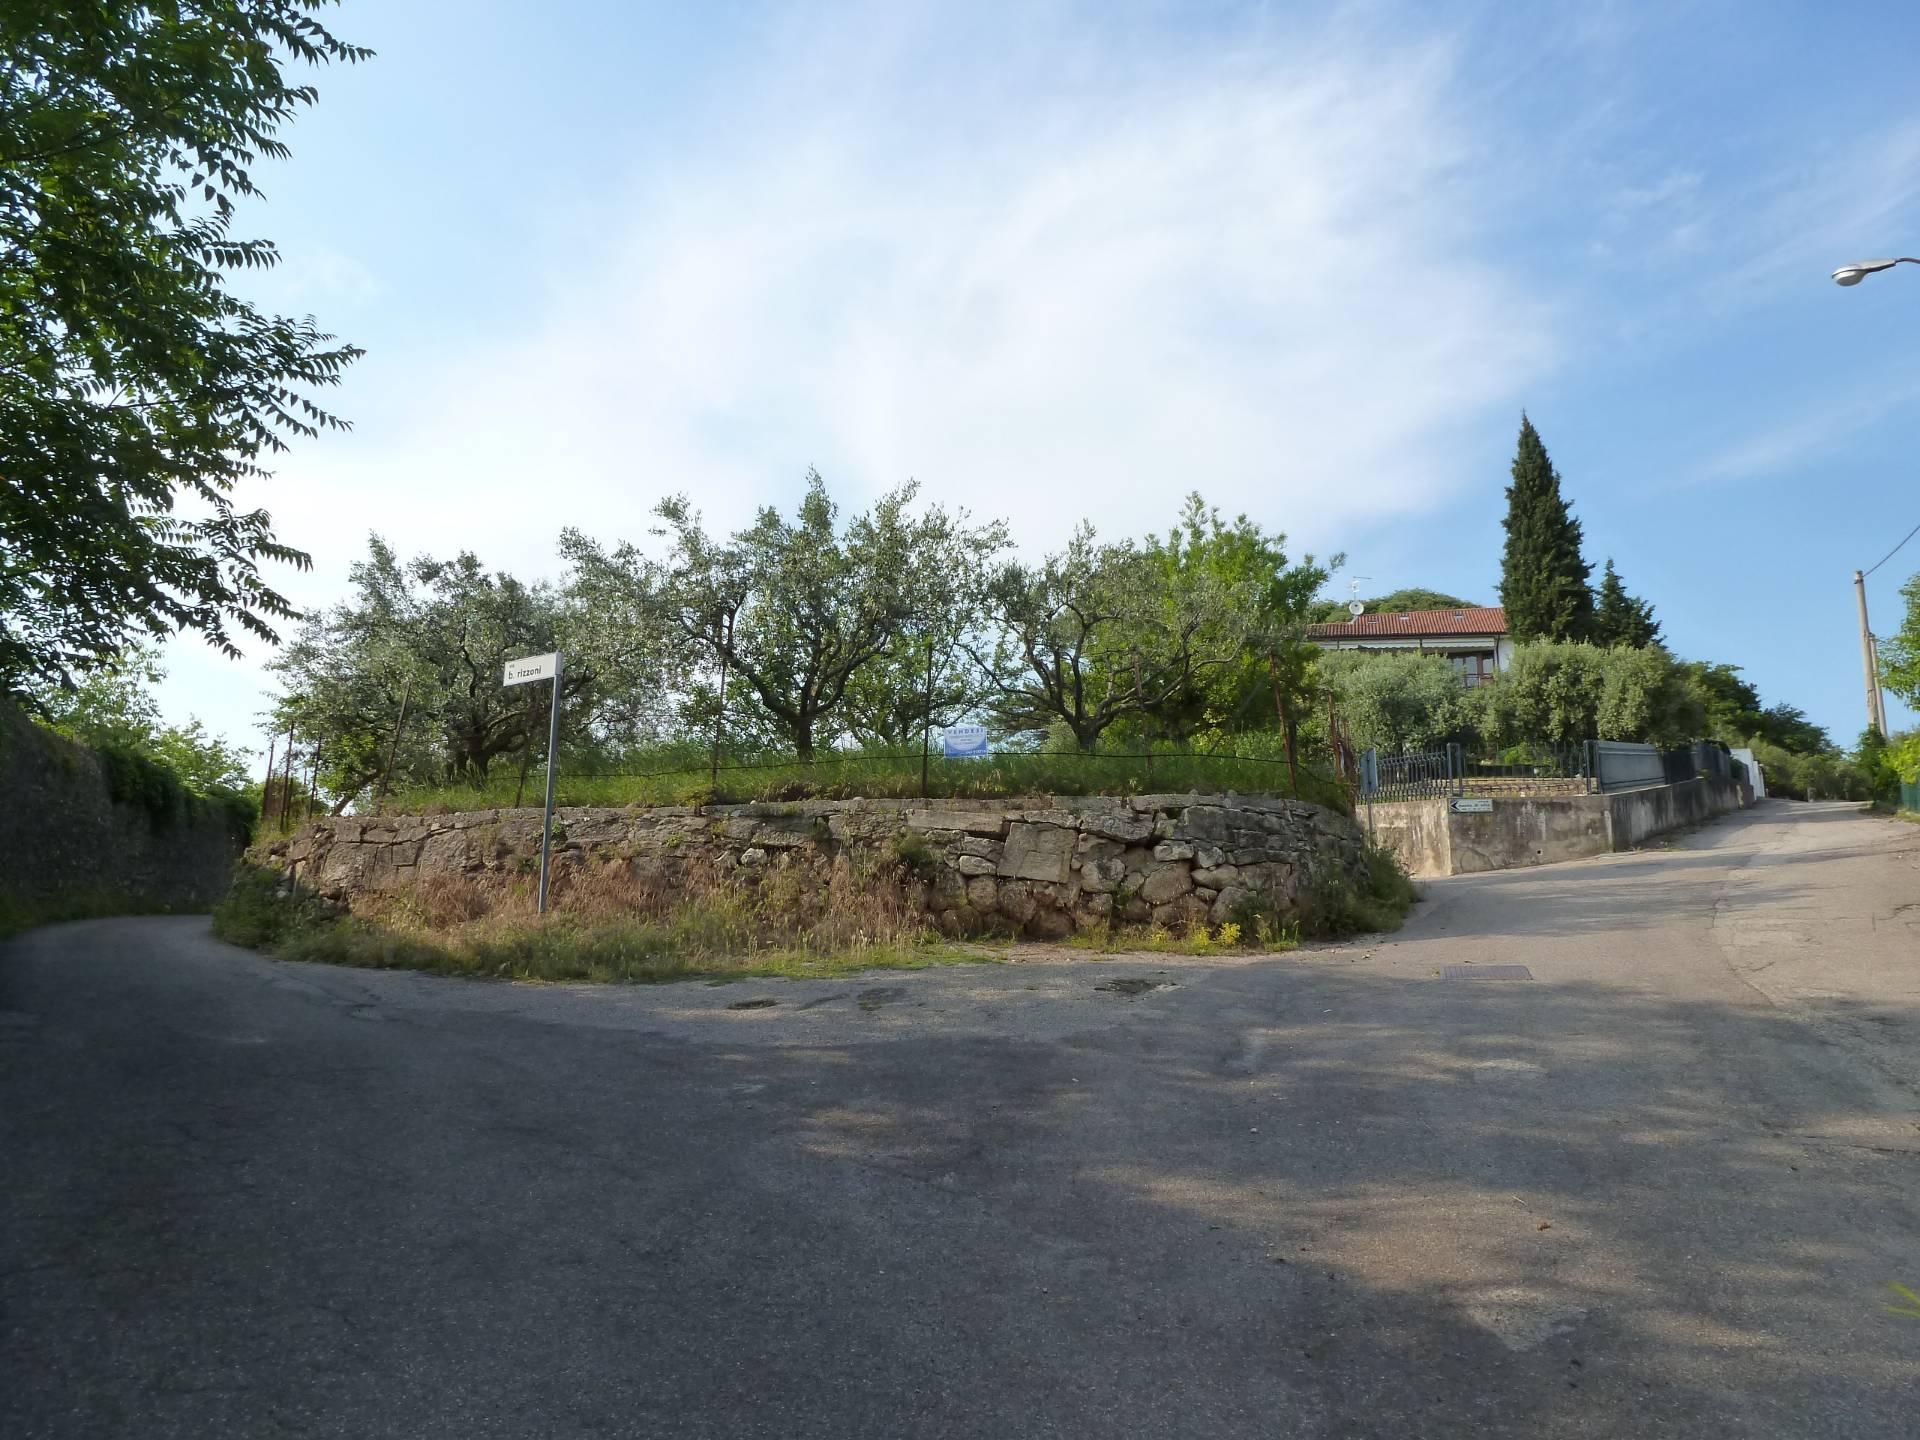 Terreno Agricolo in vendita a Verona, 9999 locali, zona Zona: 5 . Quinzano - Pindemonte - Ponte Crencano - Valdonega - Avesa , prezzo € 120.000 | CambioCasa.it